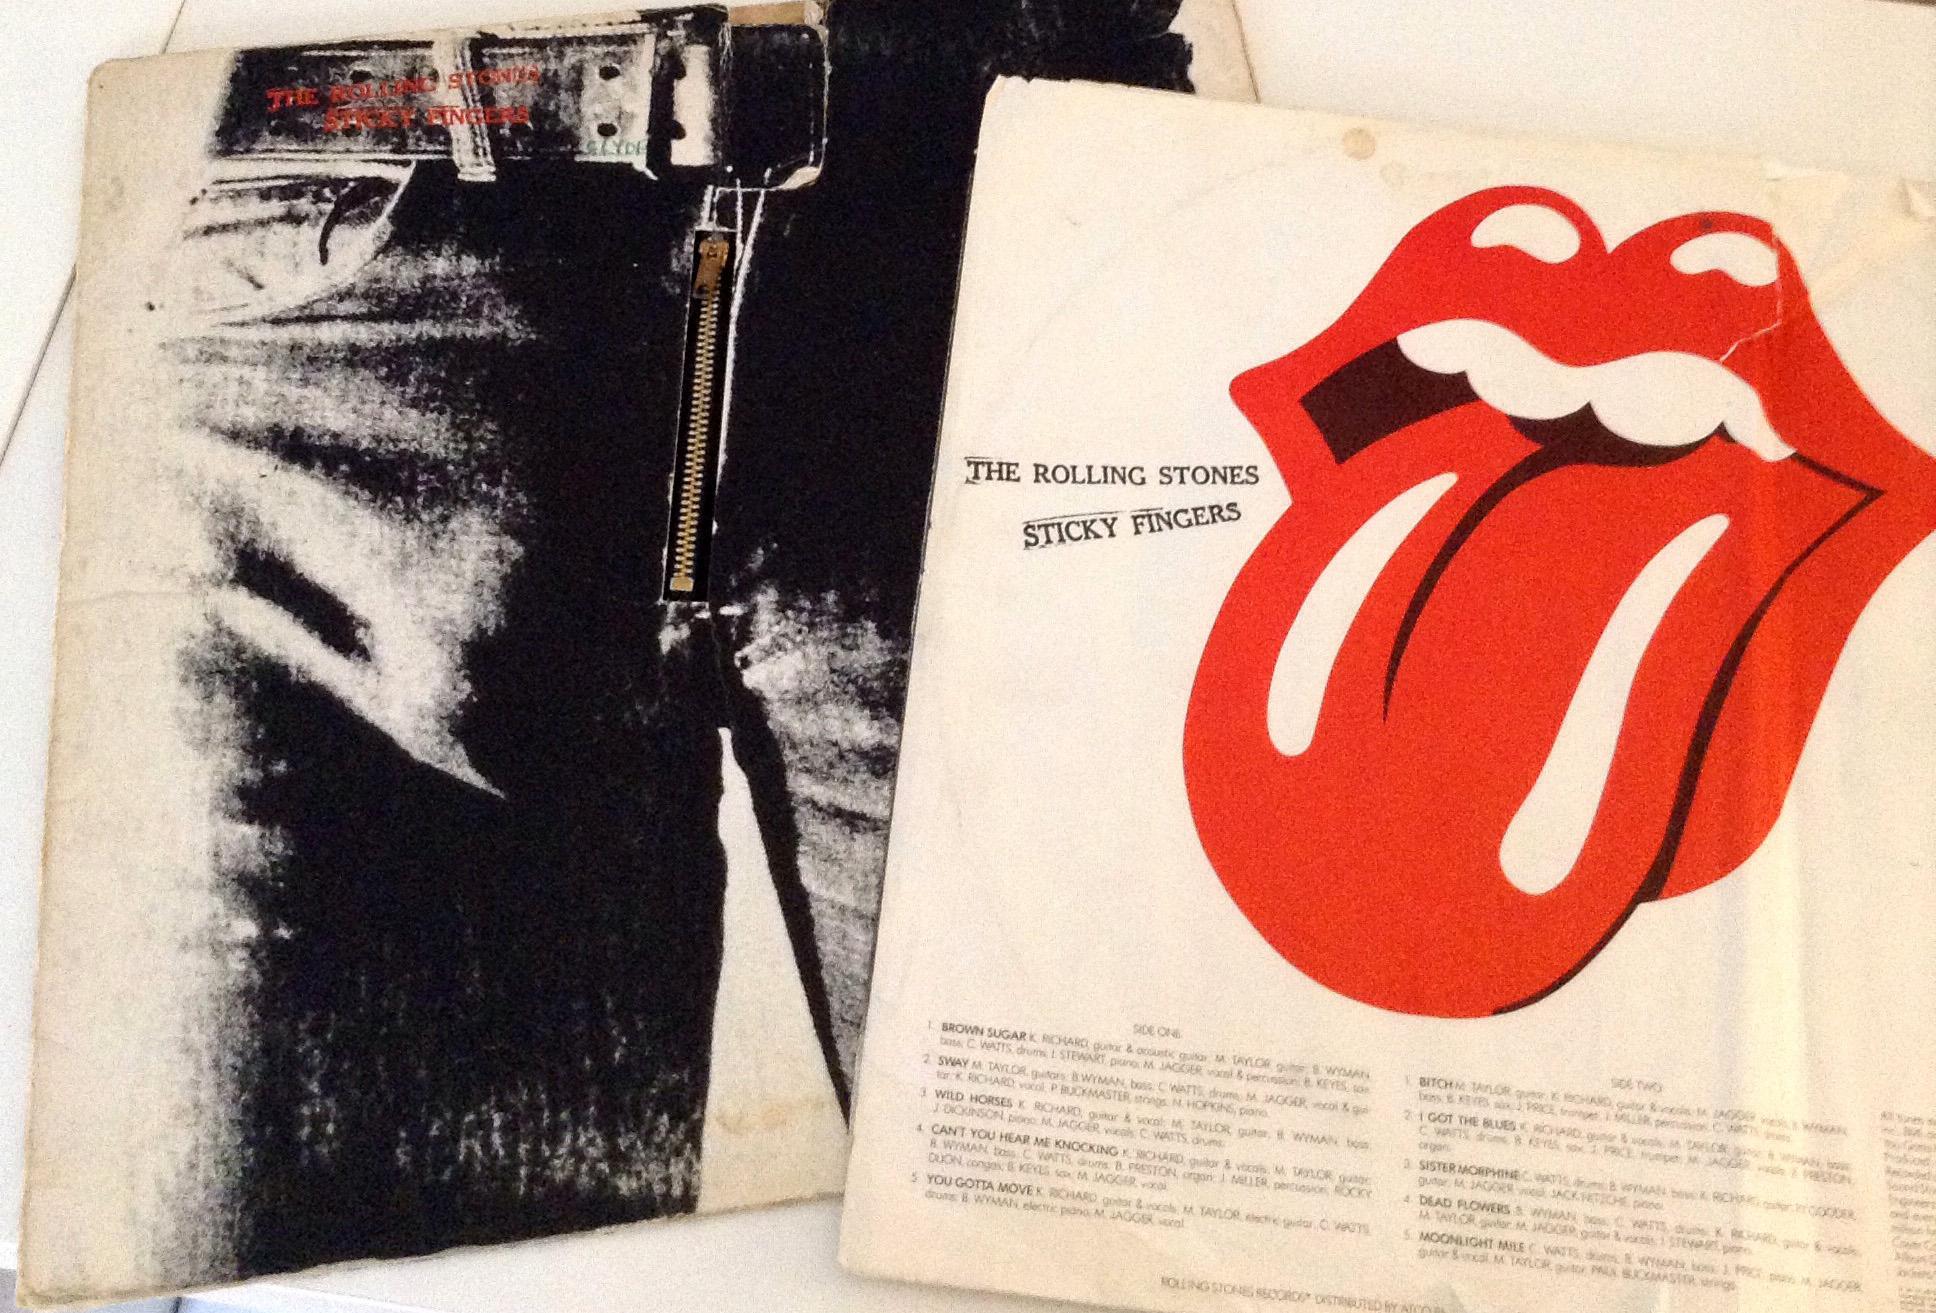 Portadas históricas: Sticky Fingers de The Rolling Stones